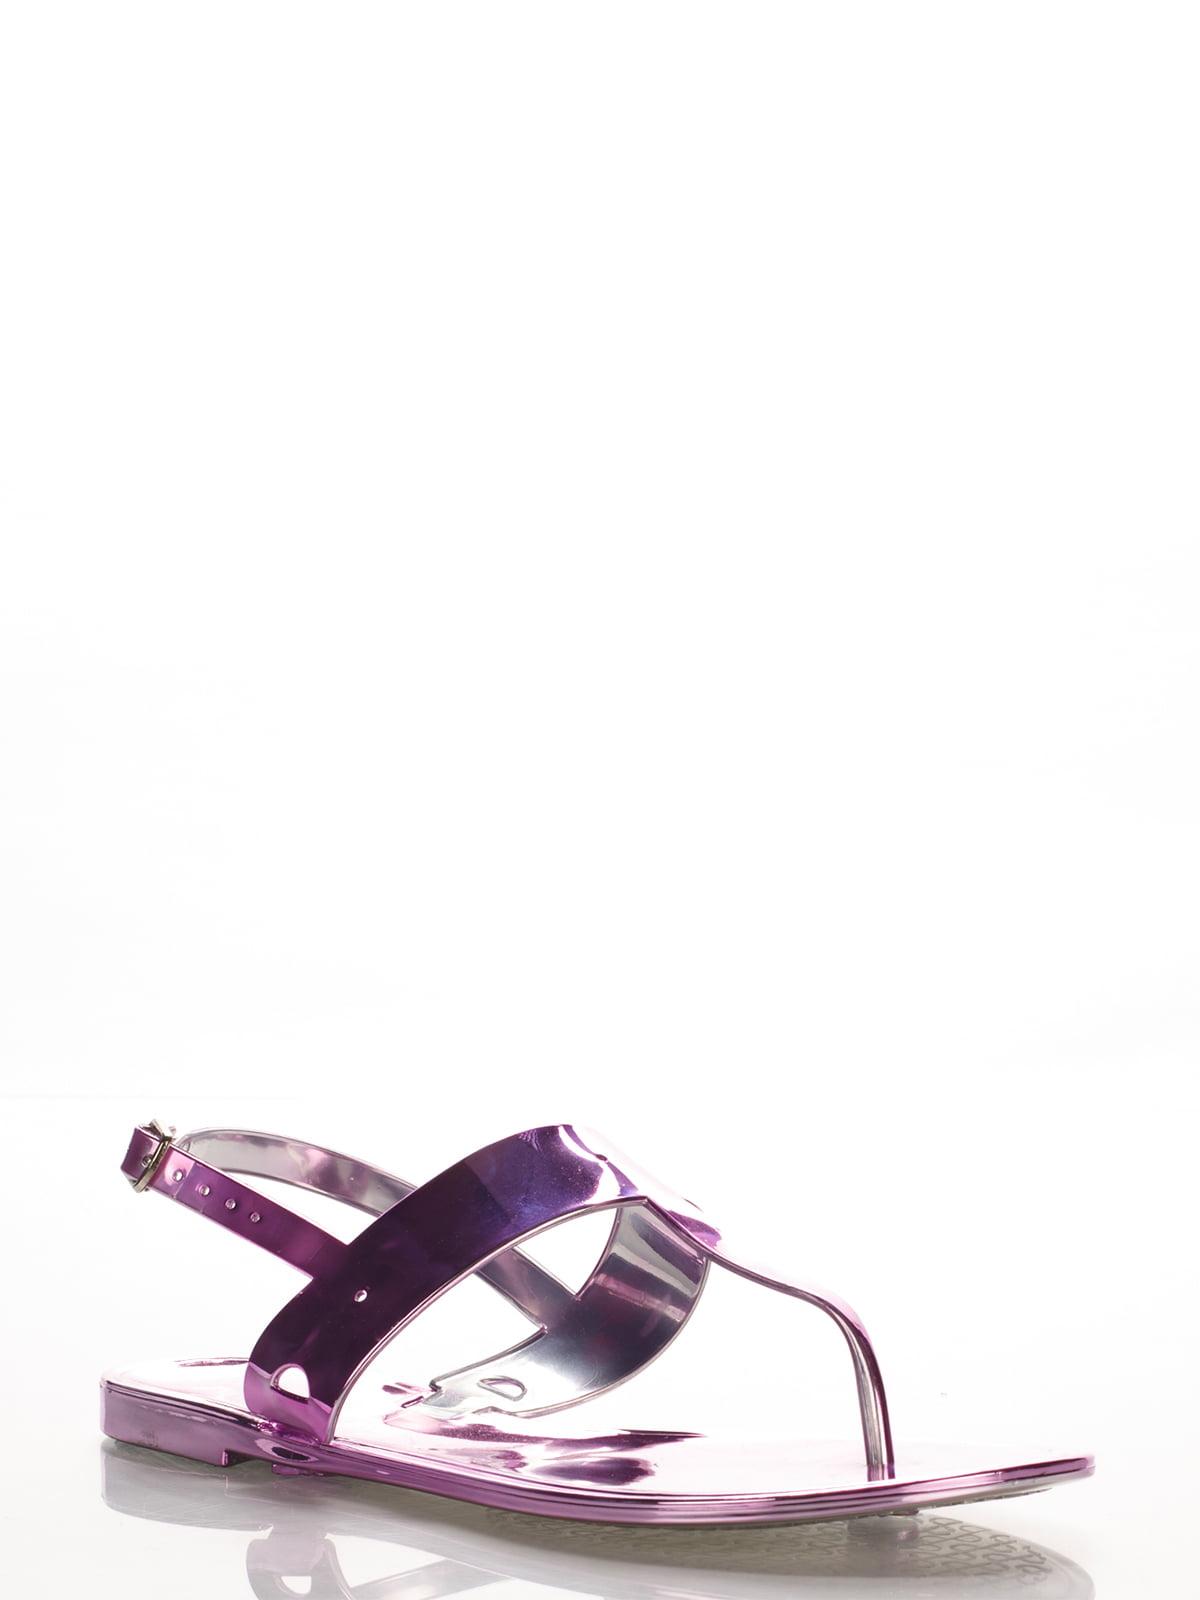 Сандалии-вьетнамки фиолетовые | 2561602 | фото 2